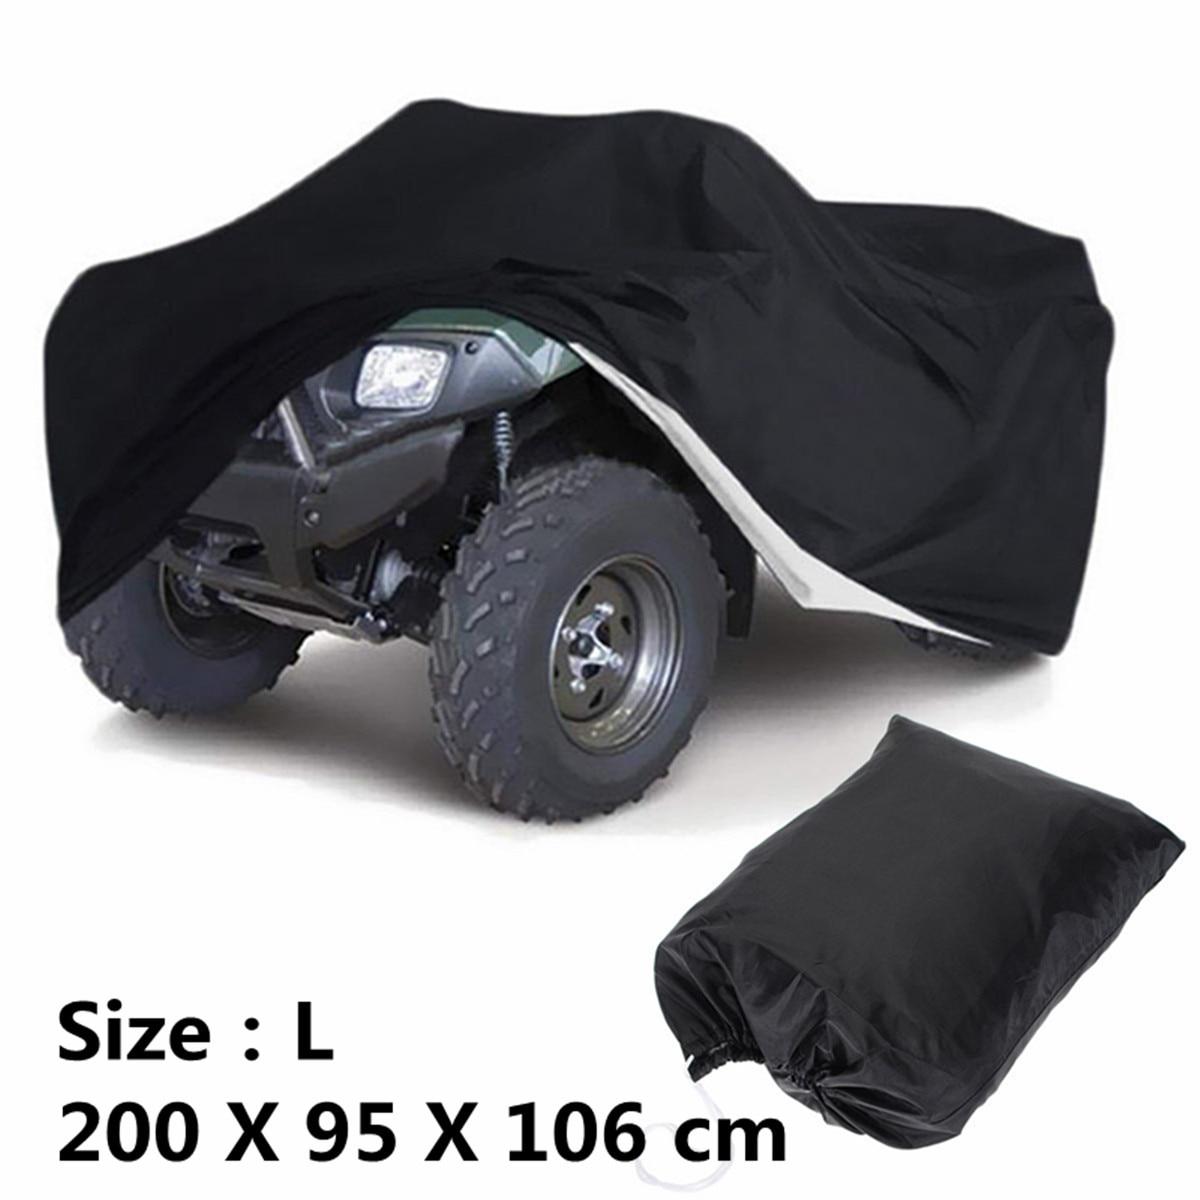 ขนาด L XXL XXXL สีดำ Universal รถจักรยานยนต์ Quad BIKE ATV ATC ฝาครอบกันน้ำ